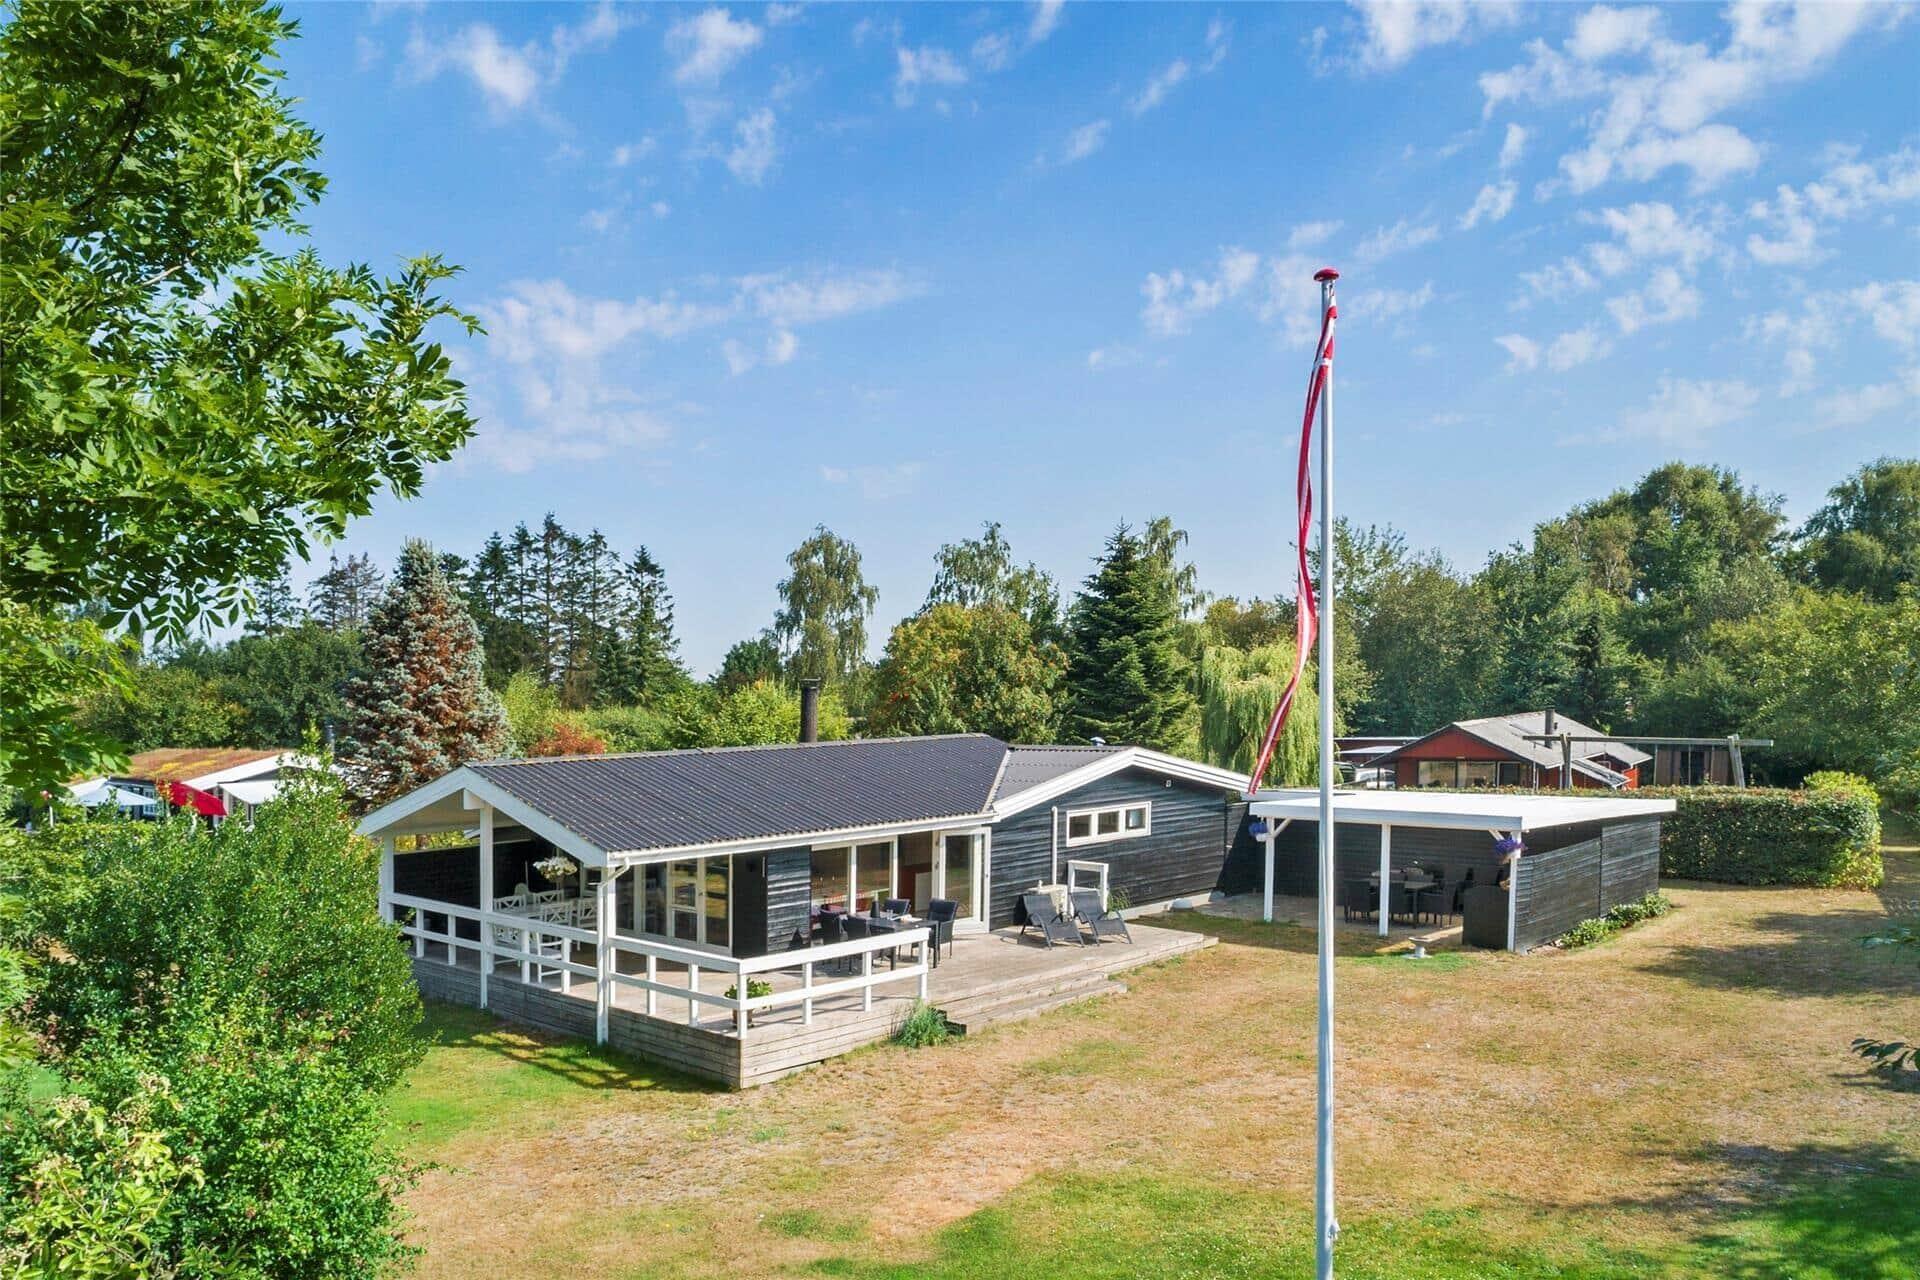 Bild 1-174 Ferienhaus M11002, Sneppevejen 16, DK - 4872 Idestrup